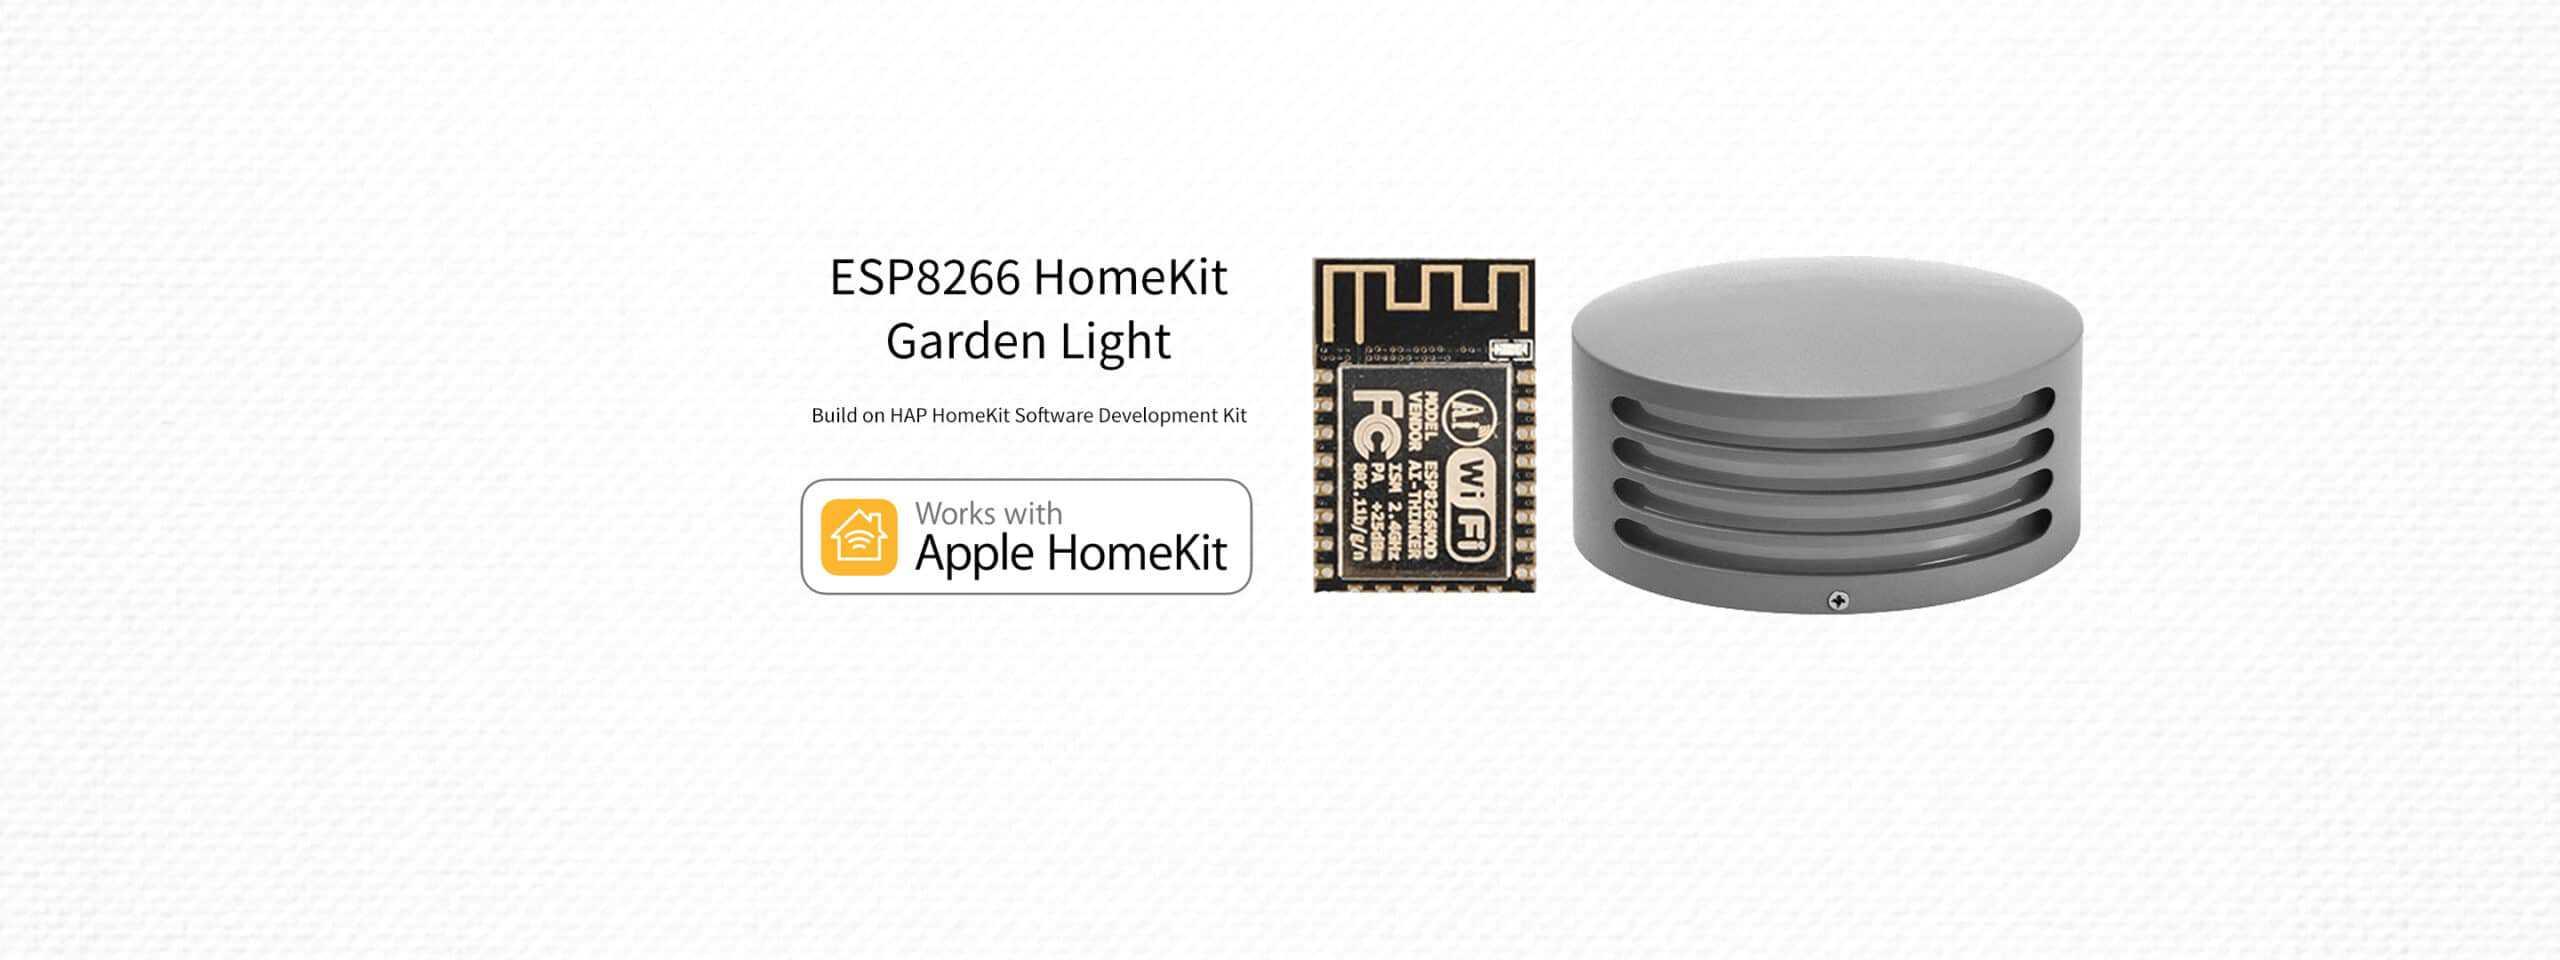 ESP8266 HomeKit – Garden Light